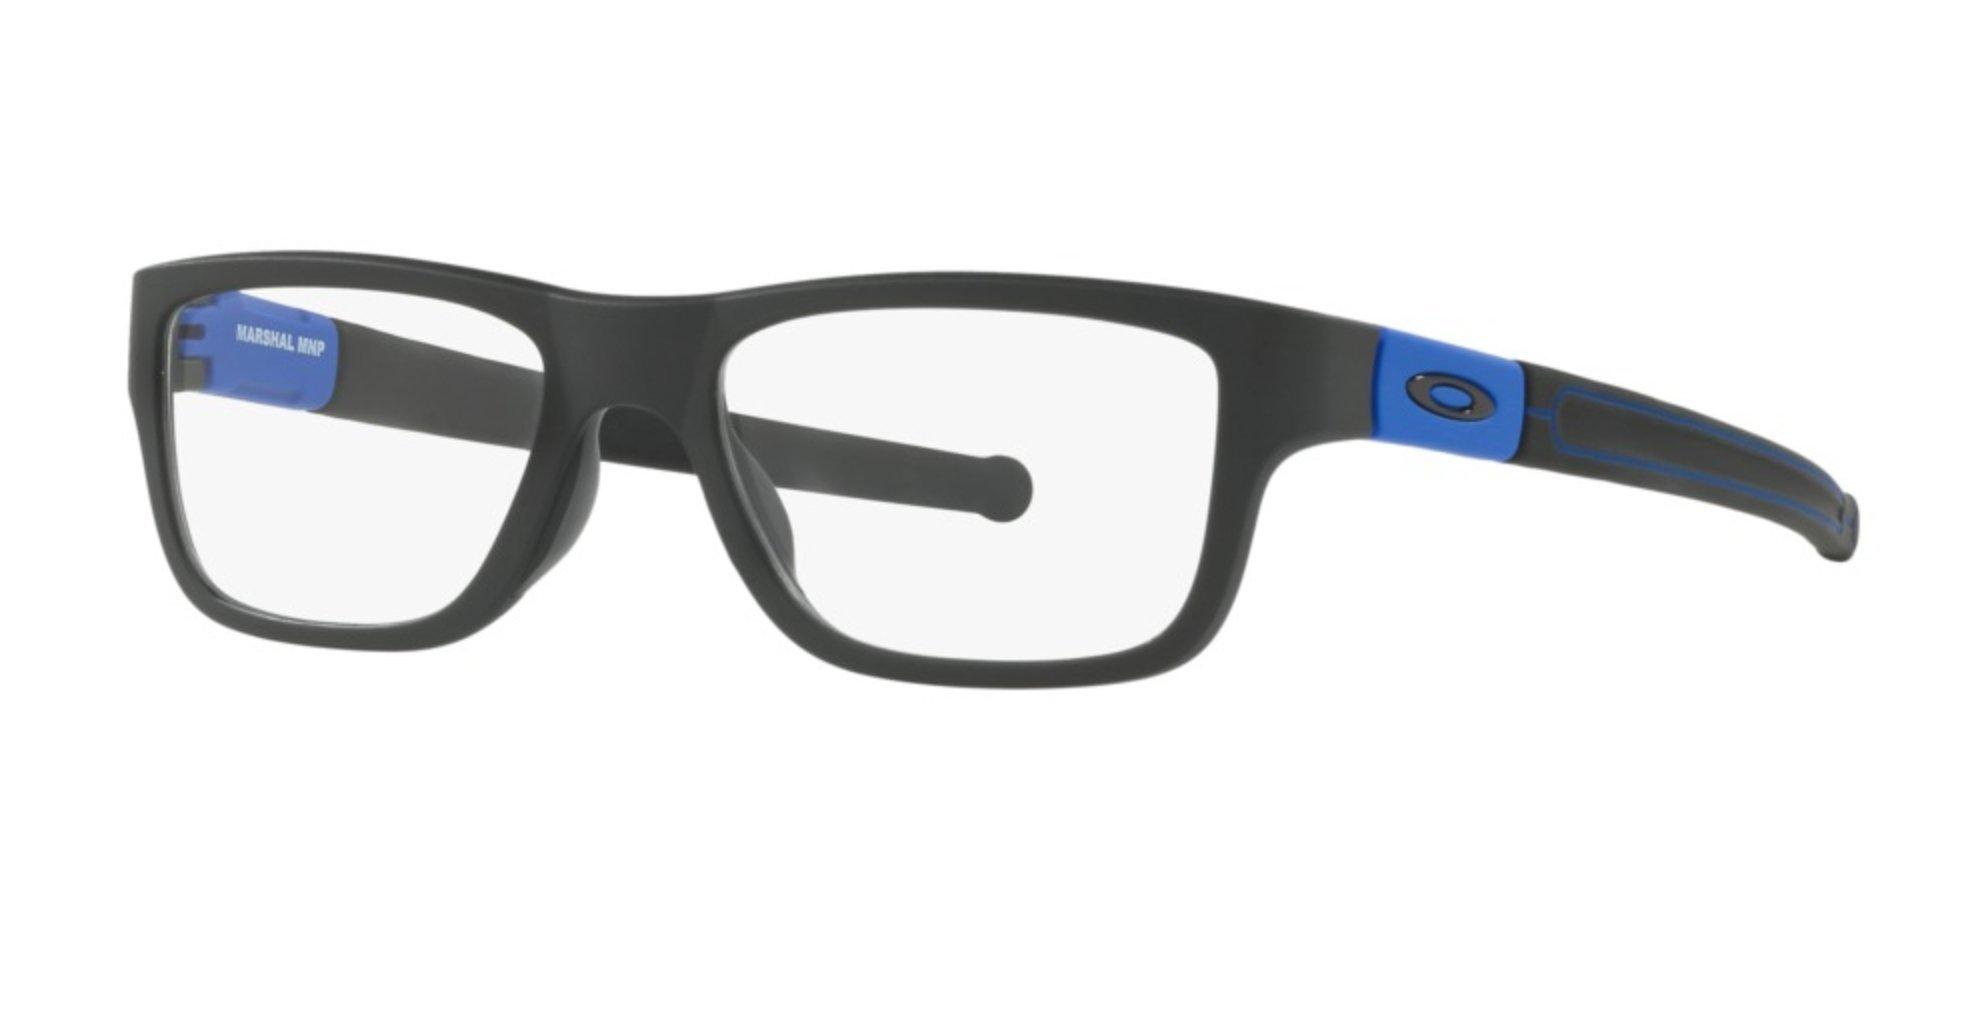 Oakley MARSHAL COBALT COLLECTION OX8091-05 Eyeglasses Satin Black 51mm